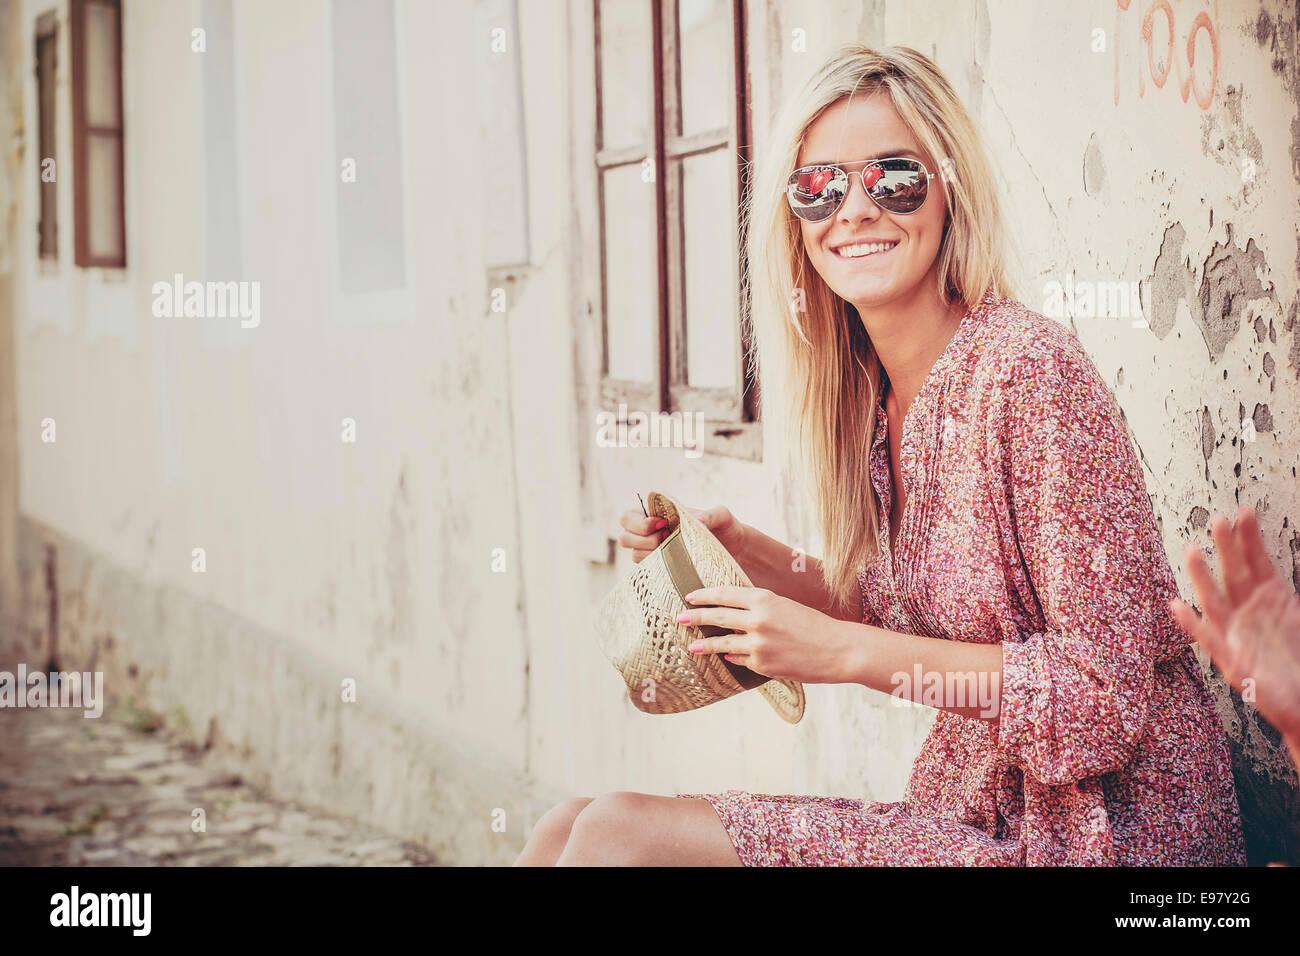 Jeune femme aux cheveux blonds en attente de départ Photo Stock